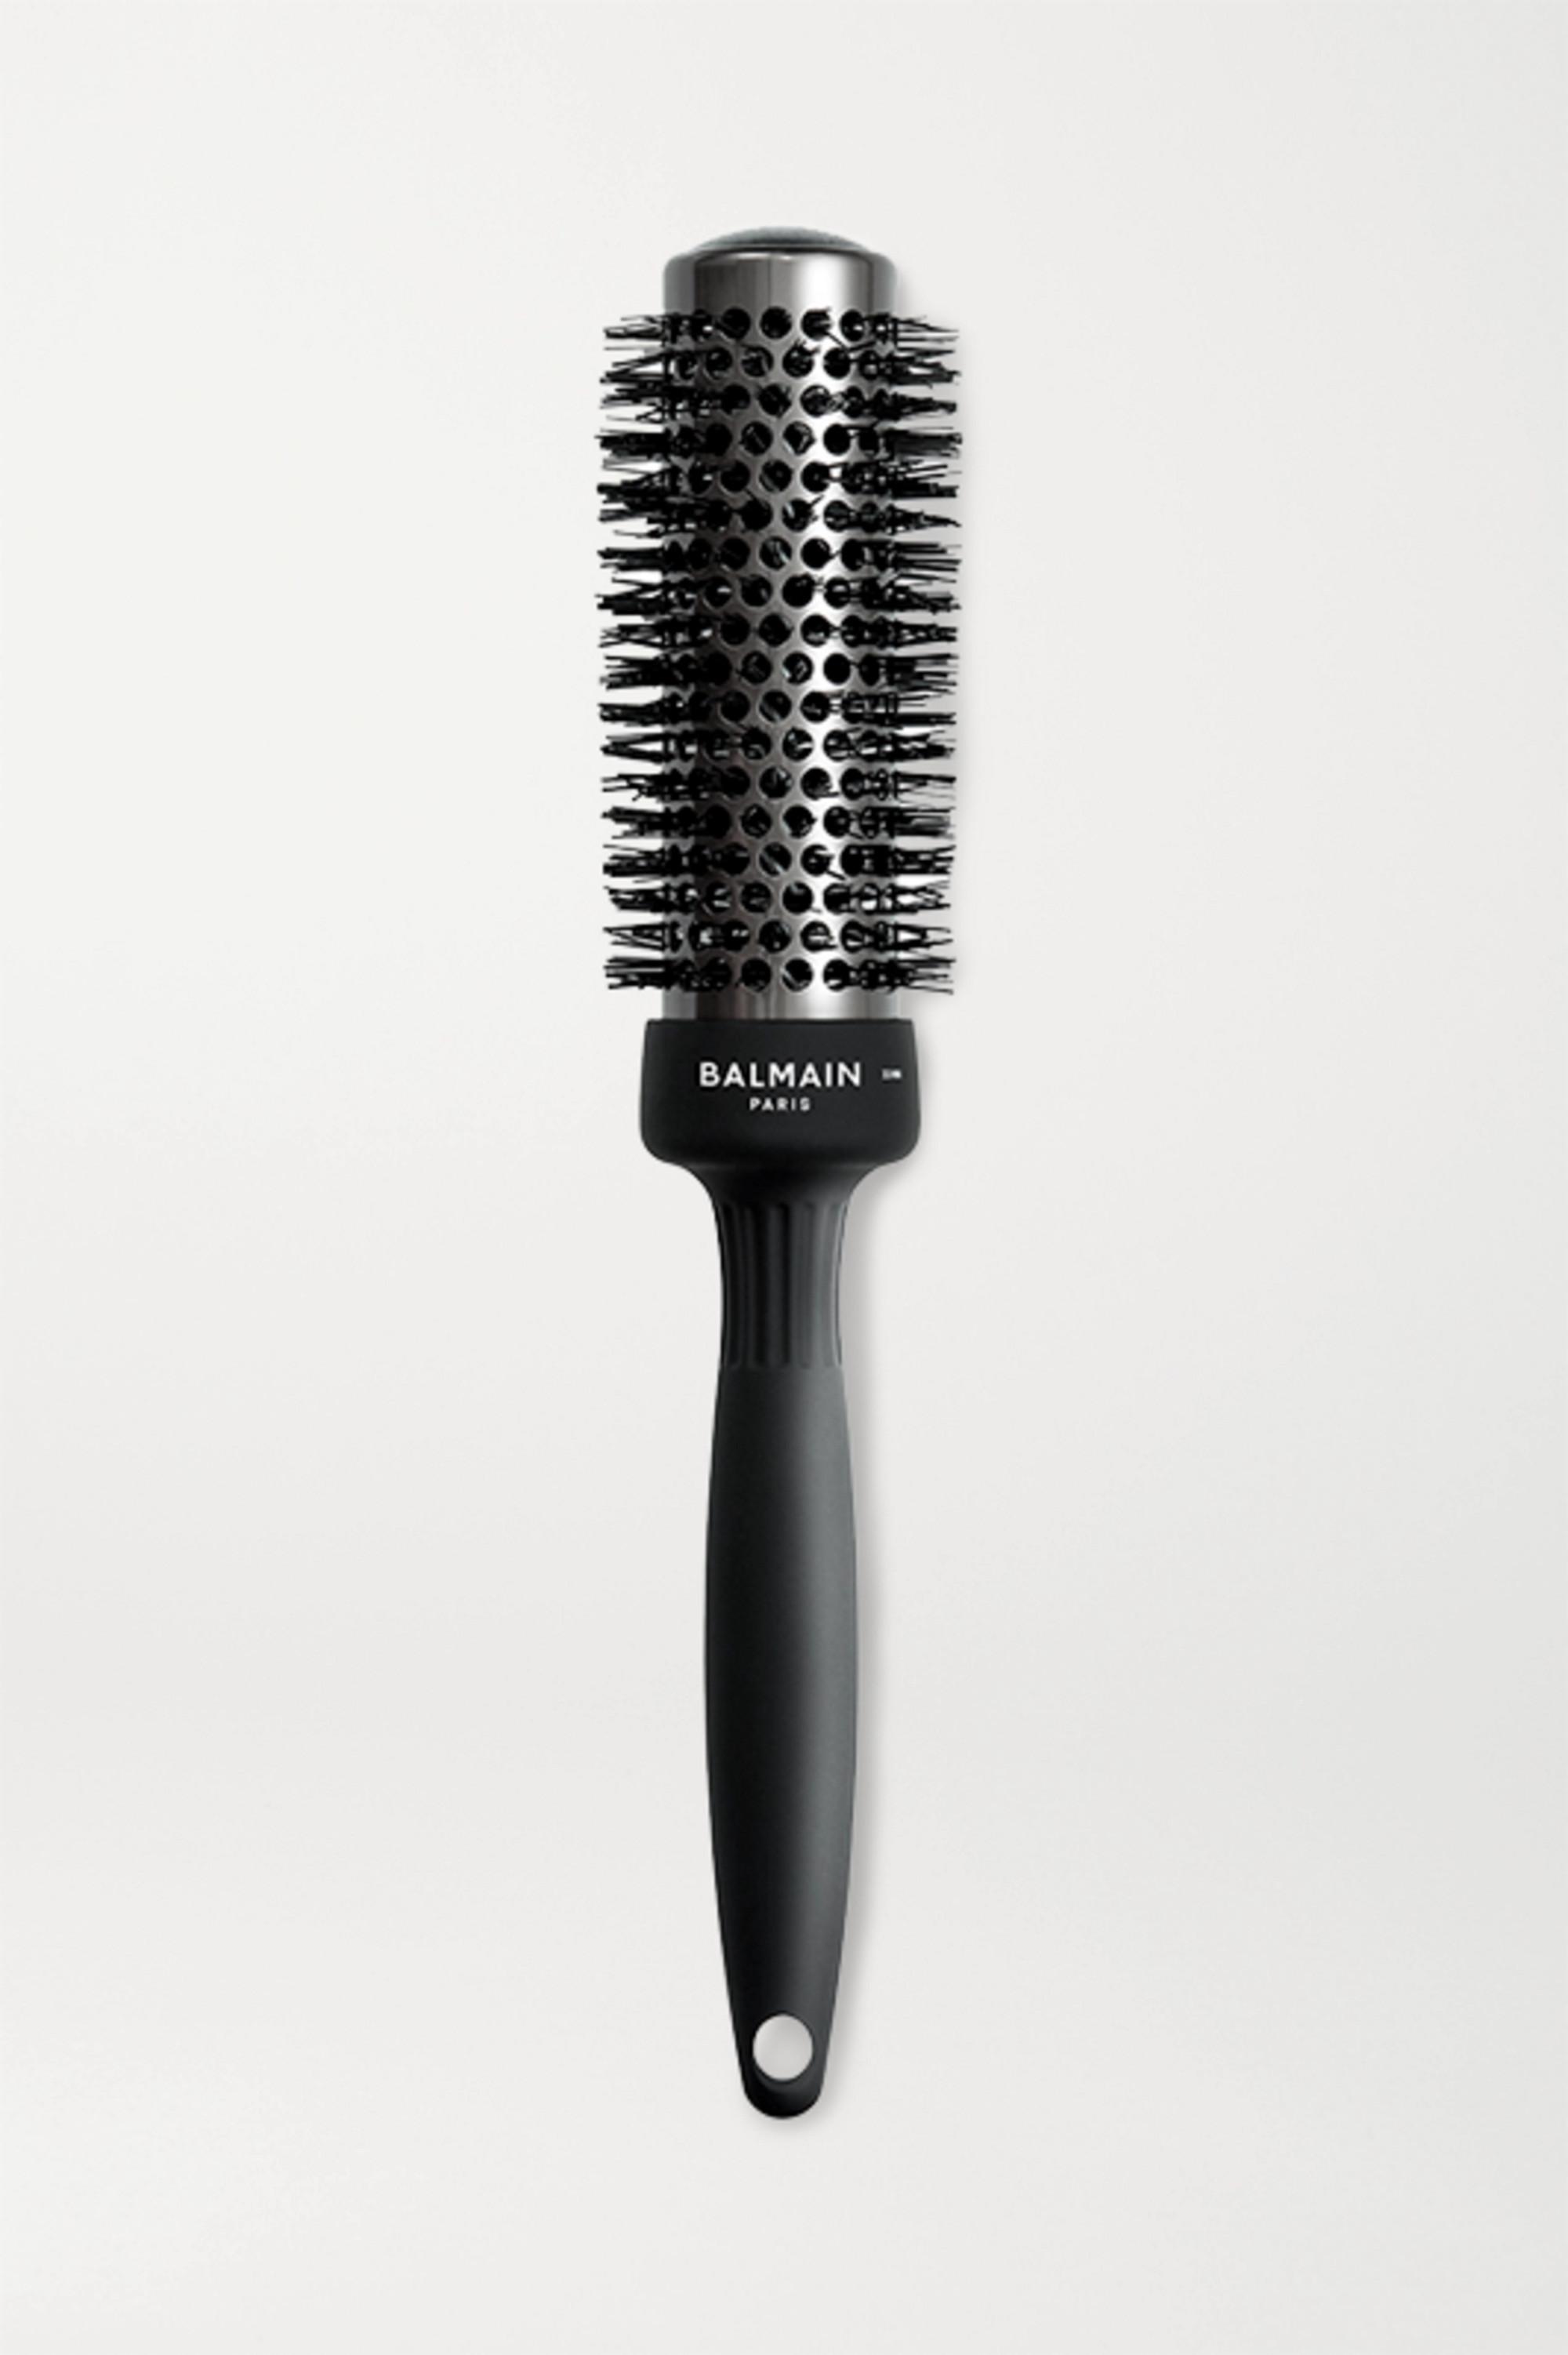 Balmain Paris Hair Couture Ceramic Round Brush 33mm